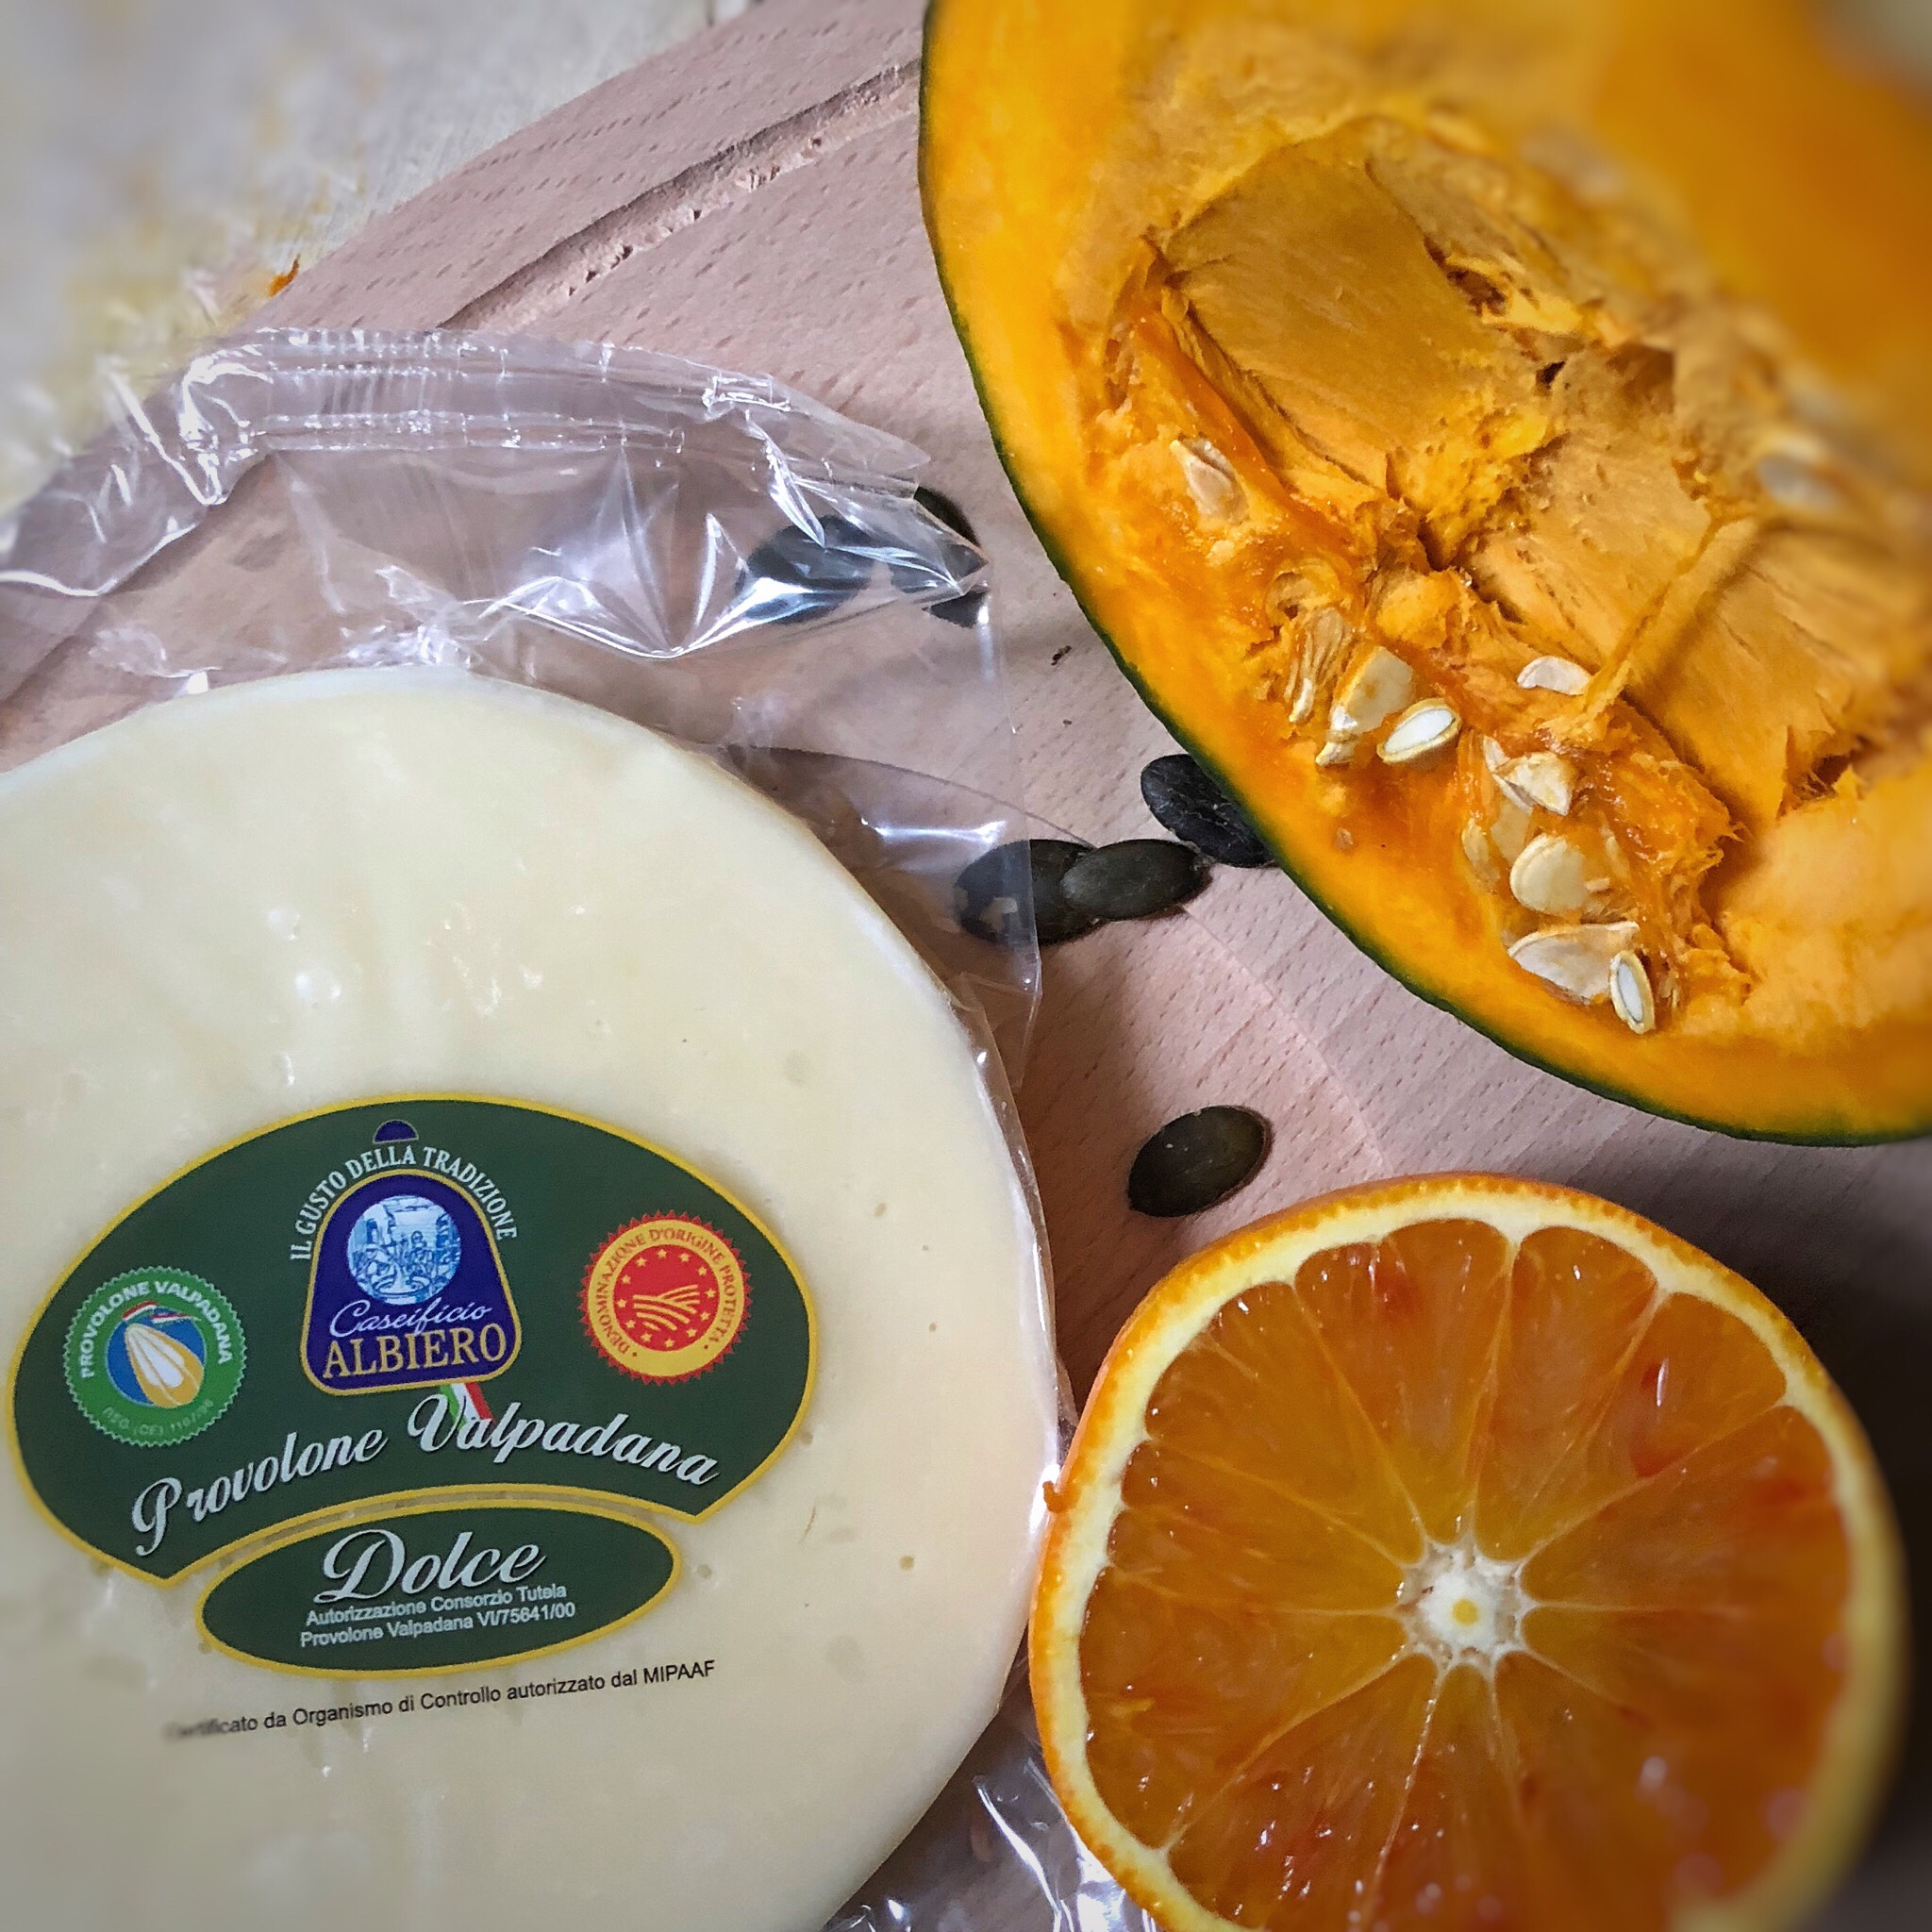 Provolone Valpadana al gratin con zucca e arance caramellate